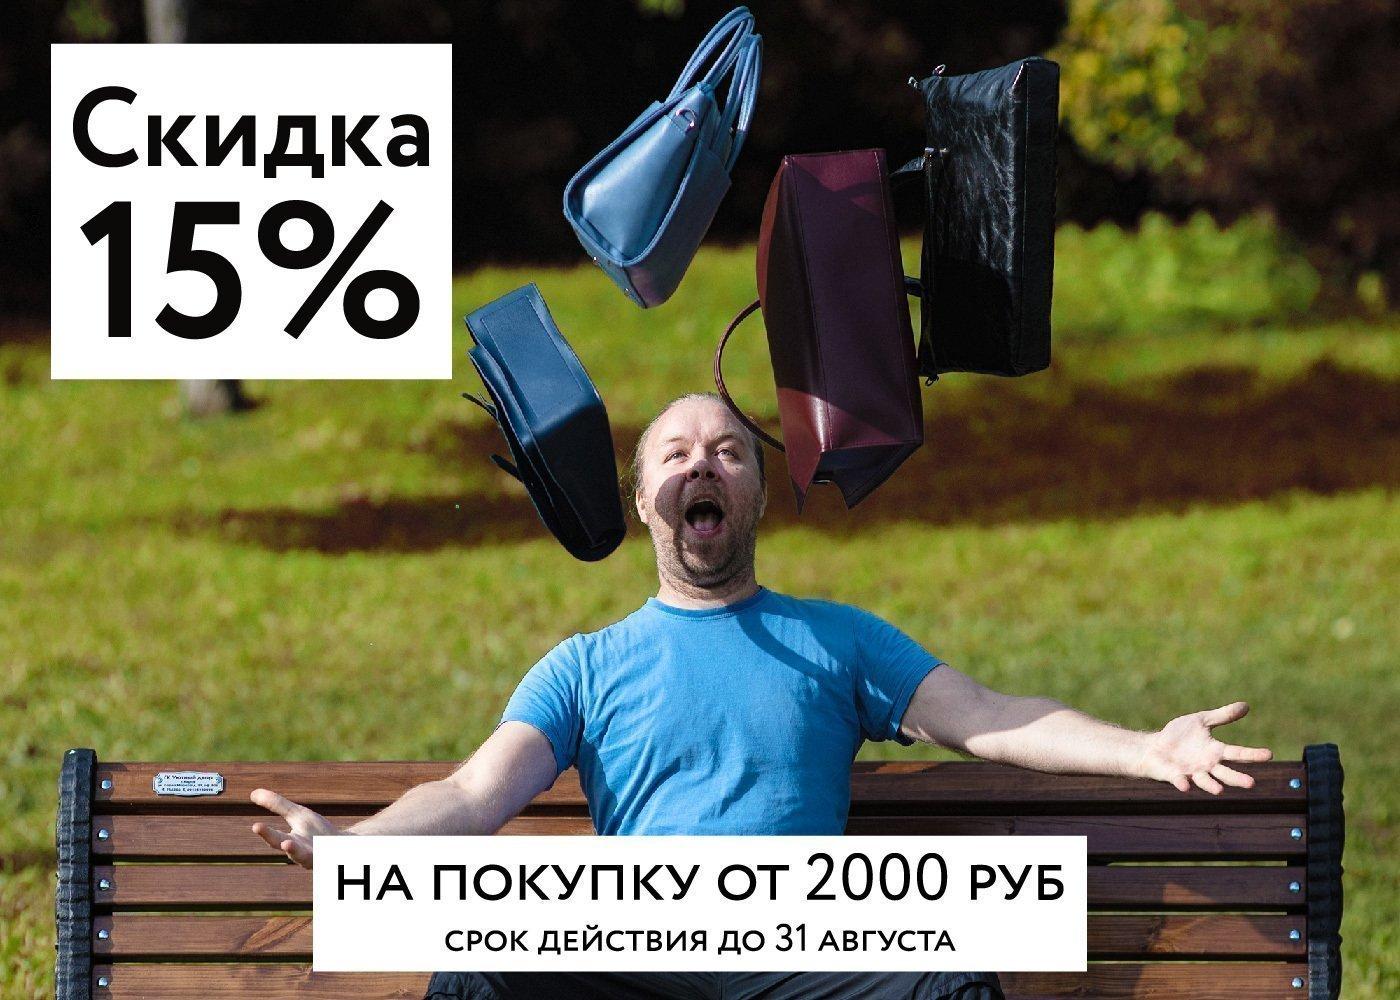 Скидка 15% на покупку от 2000 руб. до 31 августа